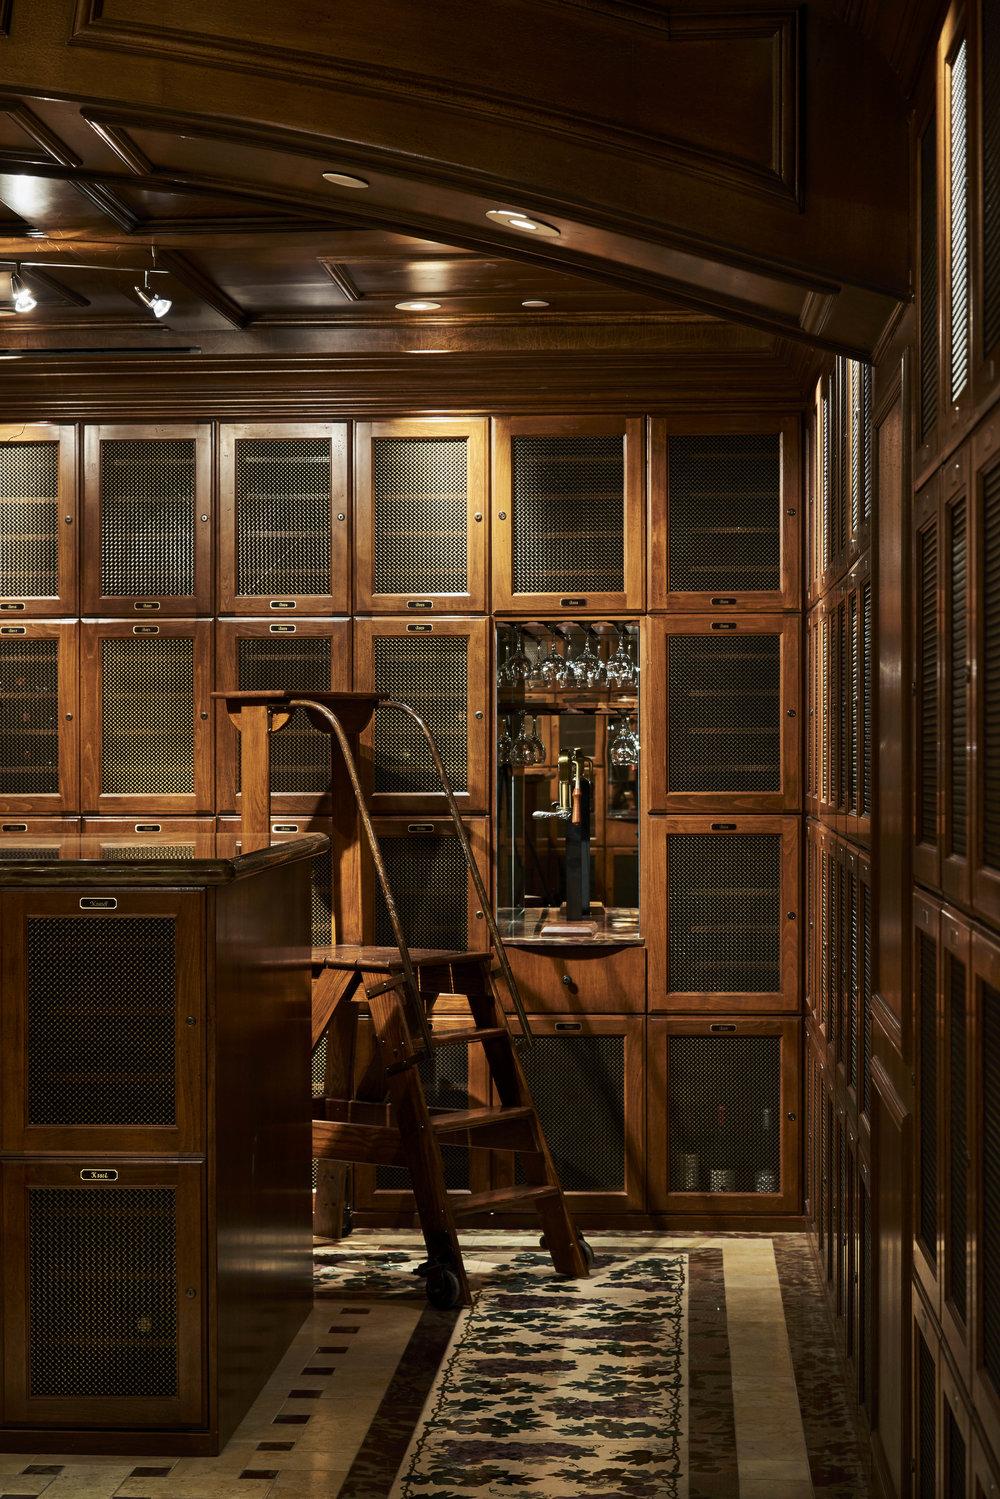 QueensRidge_interior2.jpg